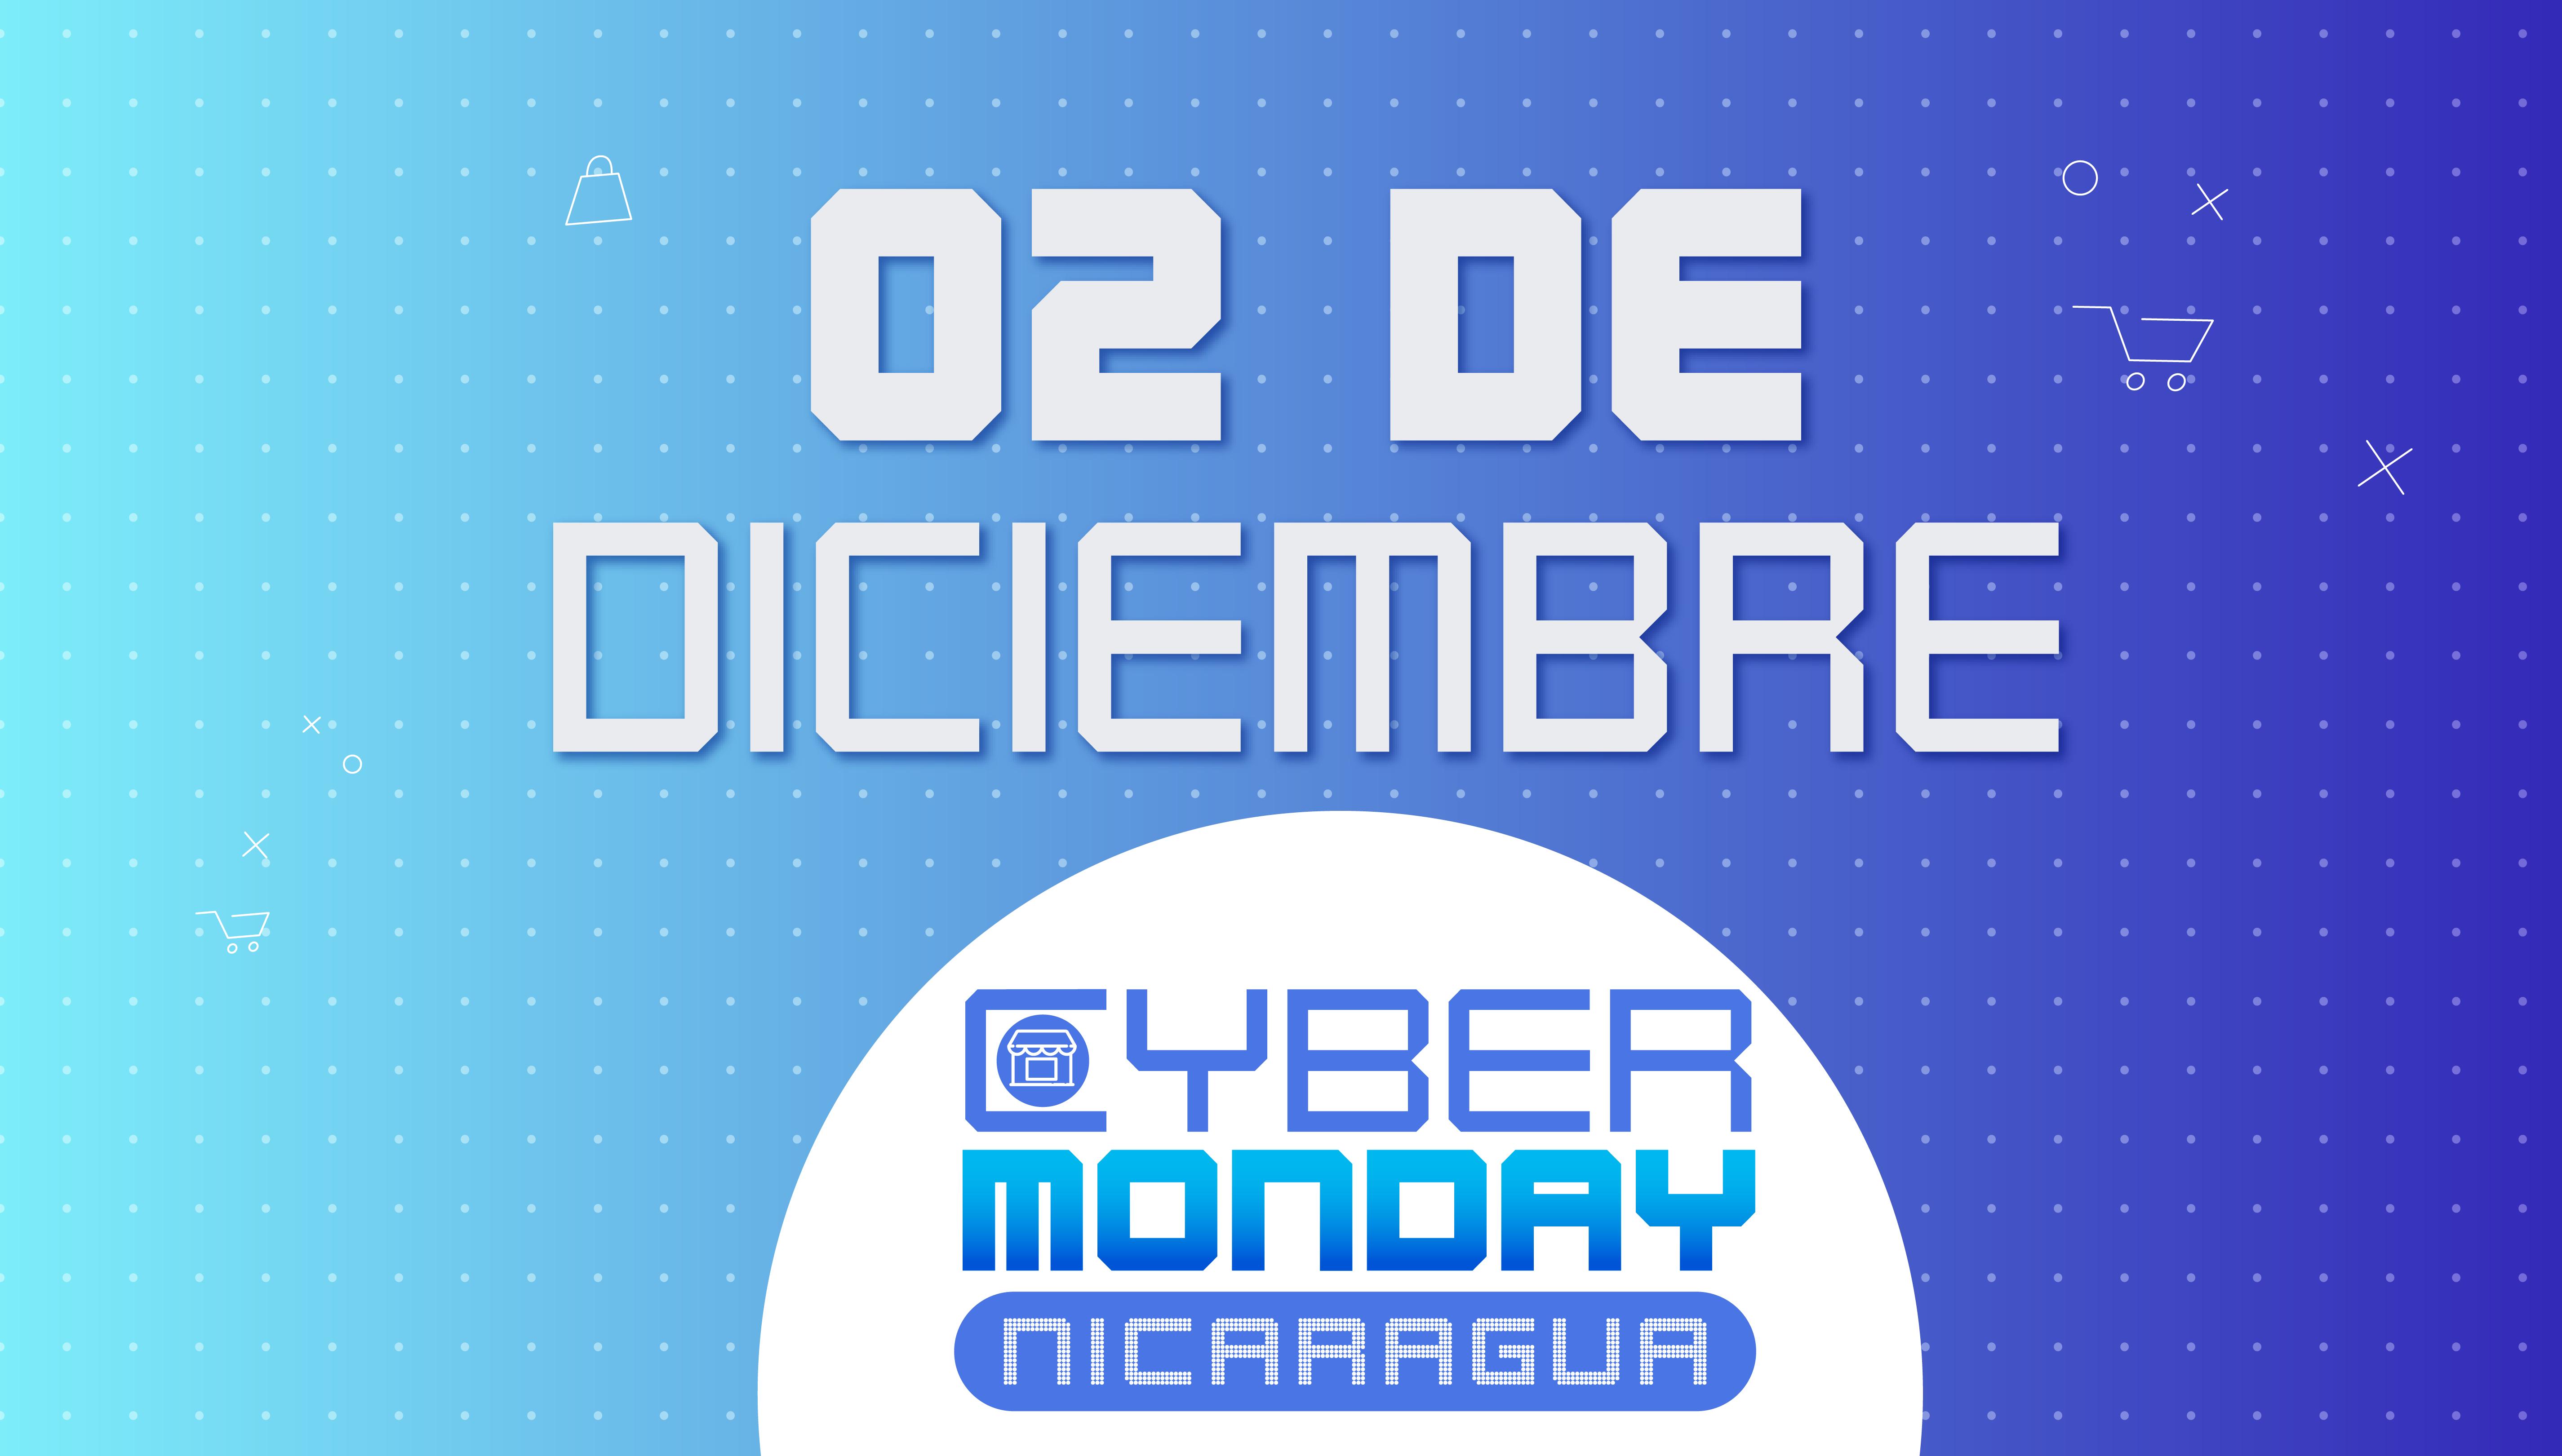 CYBER MONDAY NICARAGUA